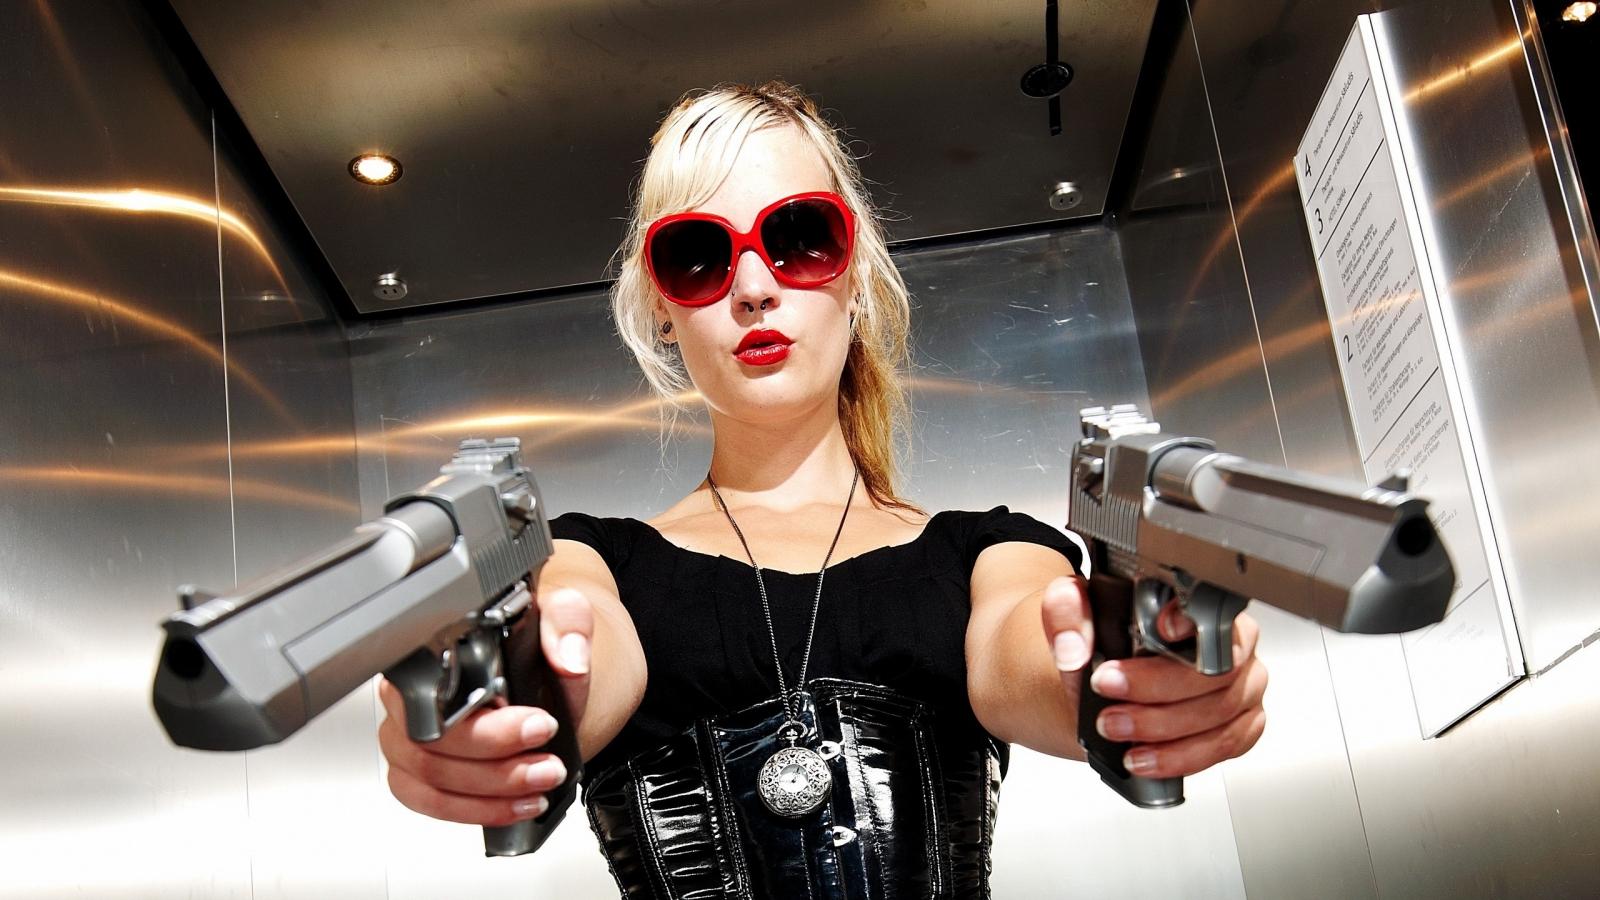 Una rubia con dos pistolas - 1600x900